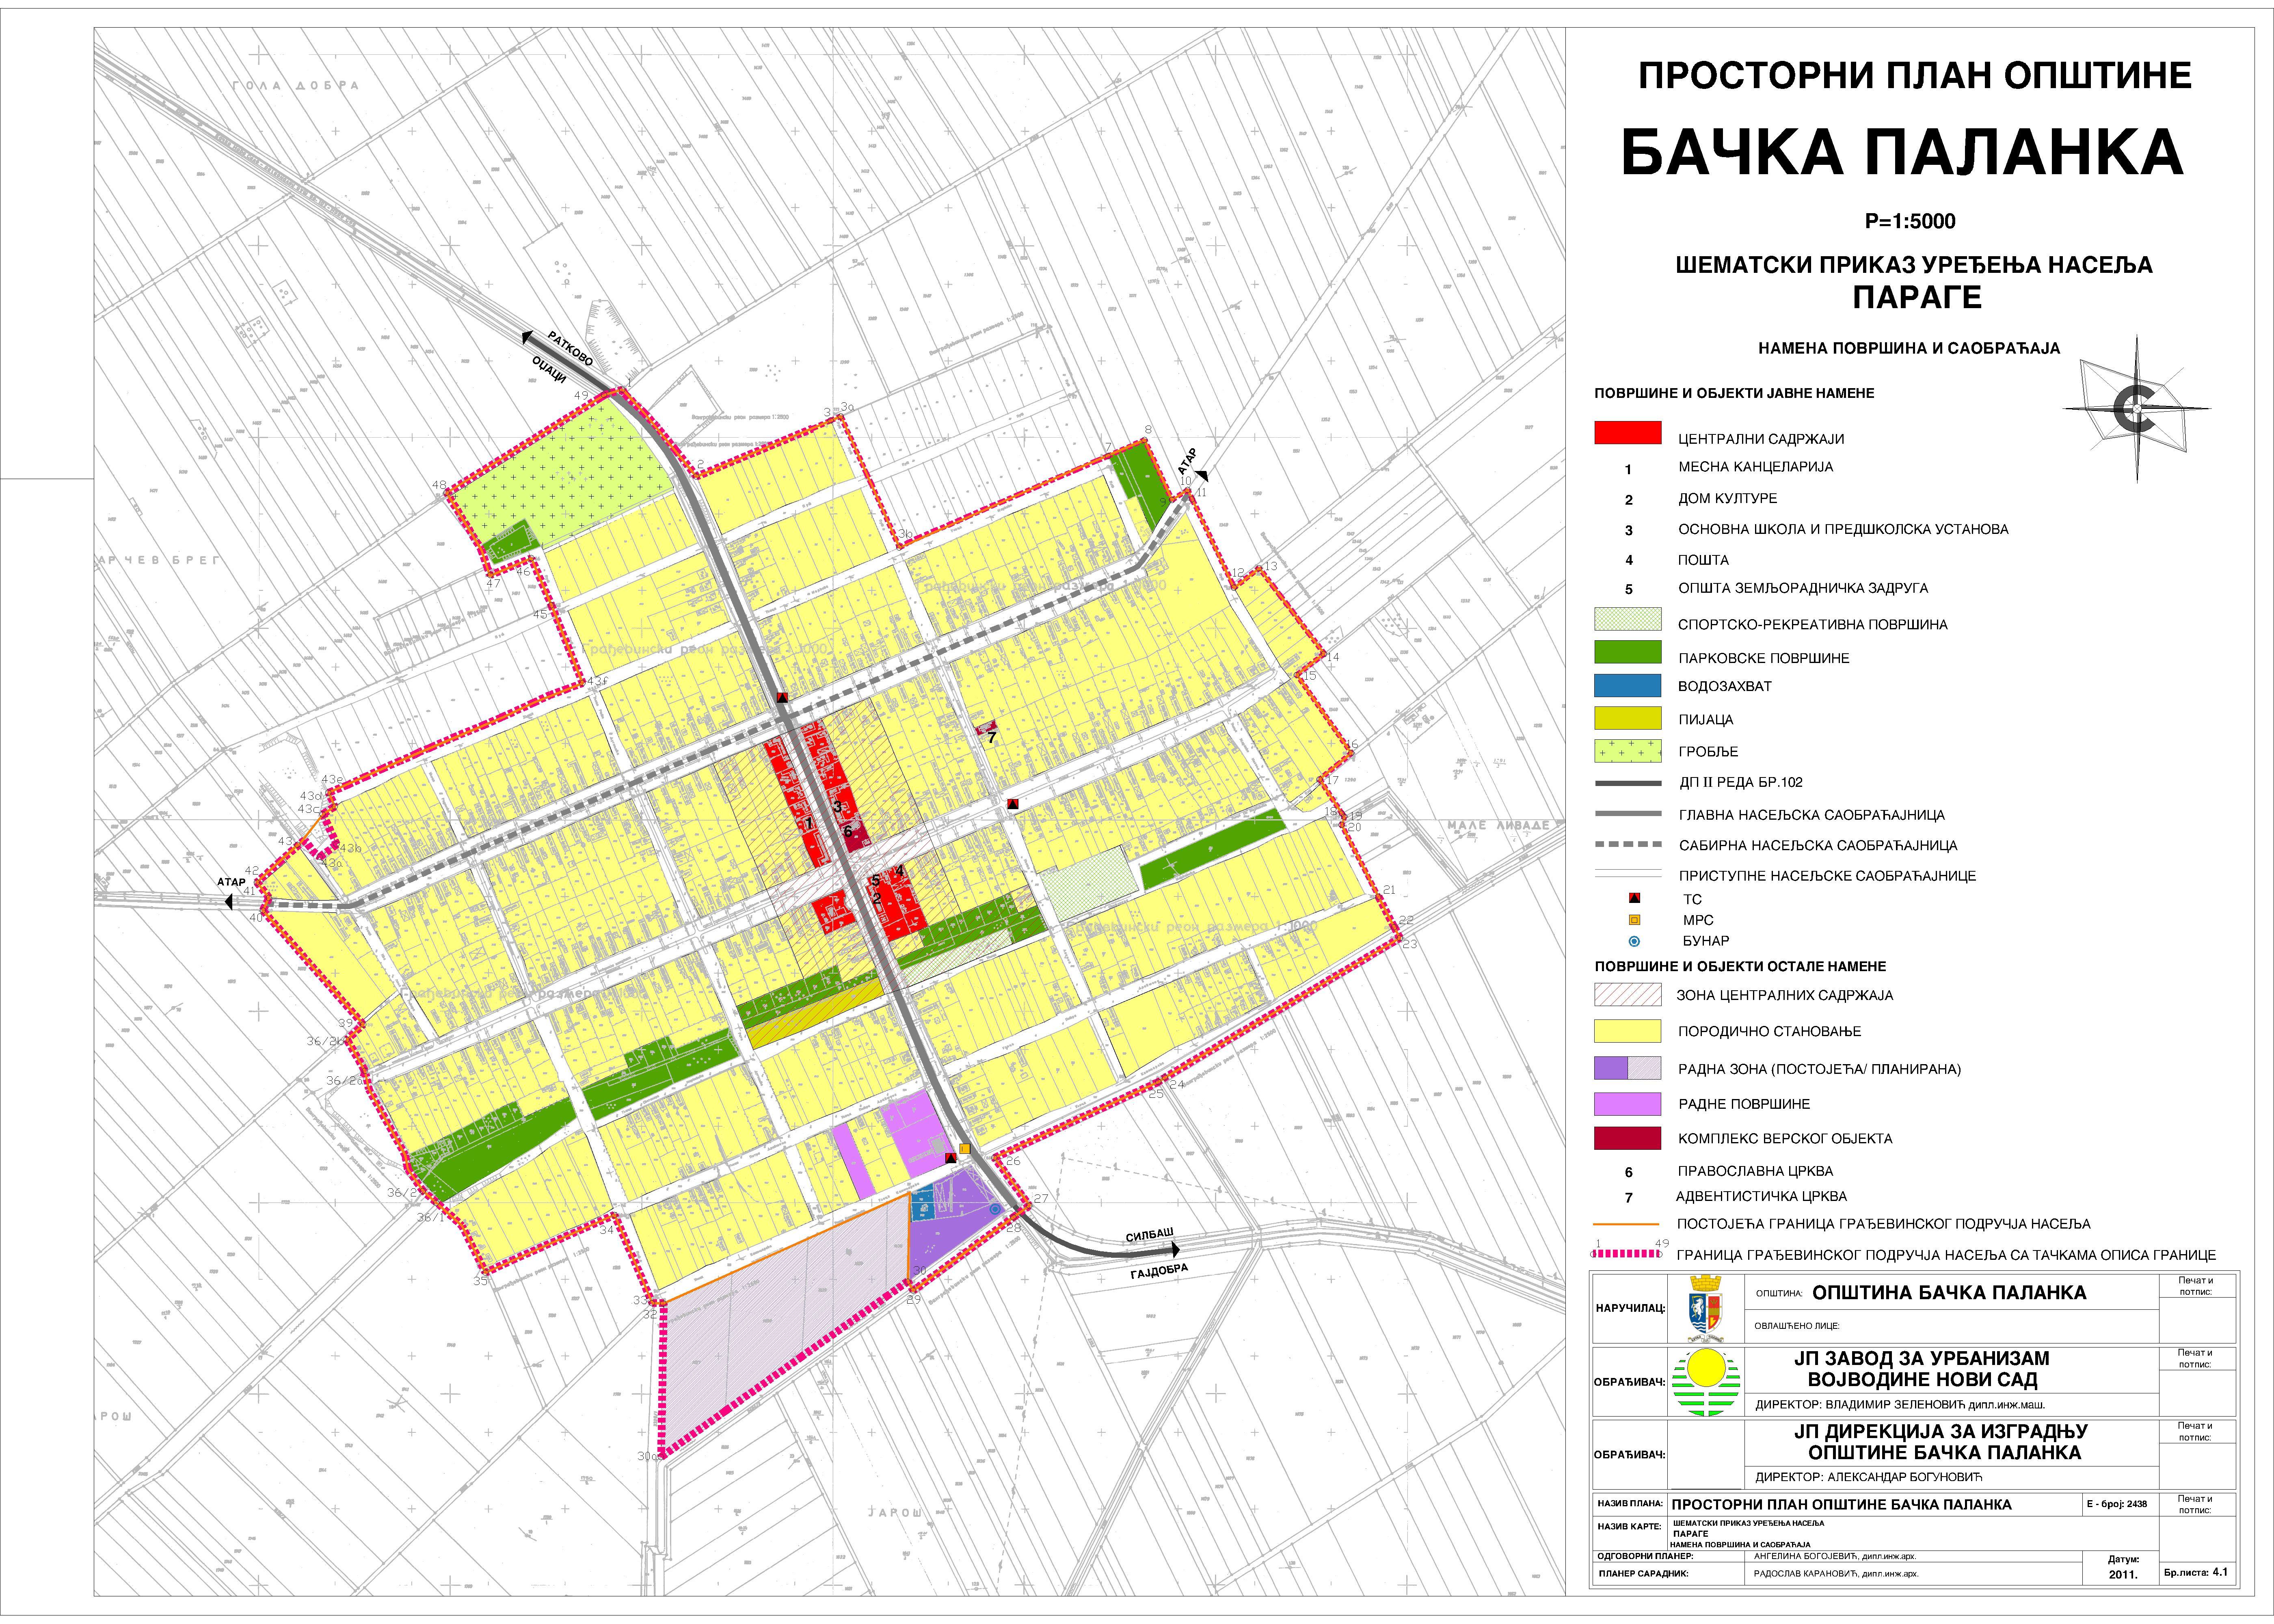 Prostorni Plan Opshtine Bachka Palanka Opshtina Bachka Palanka